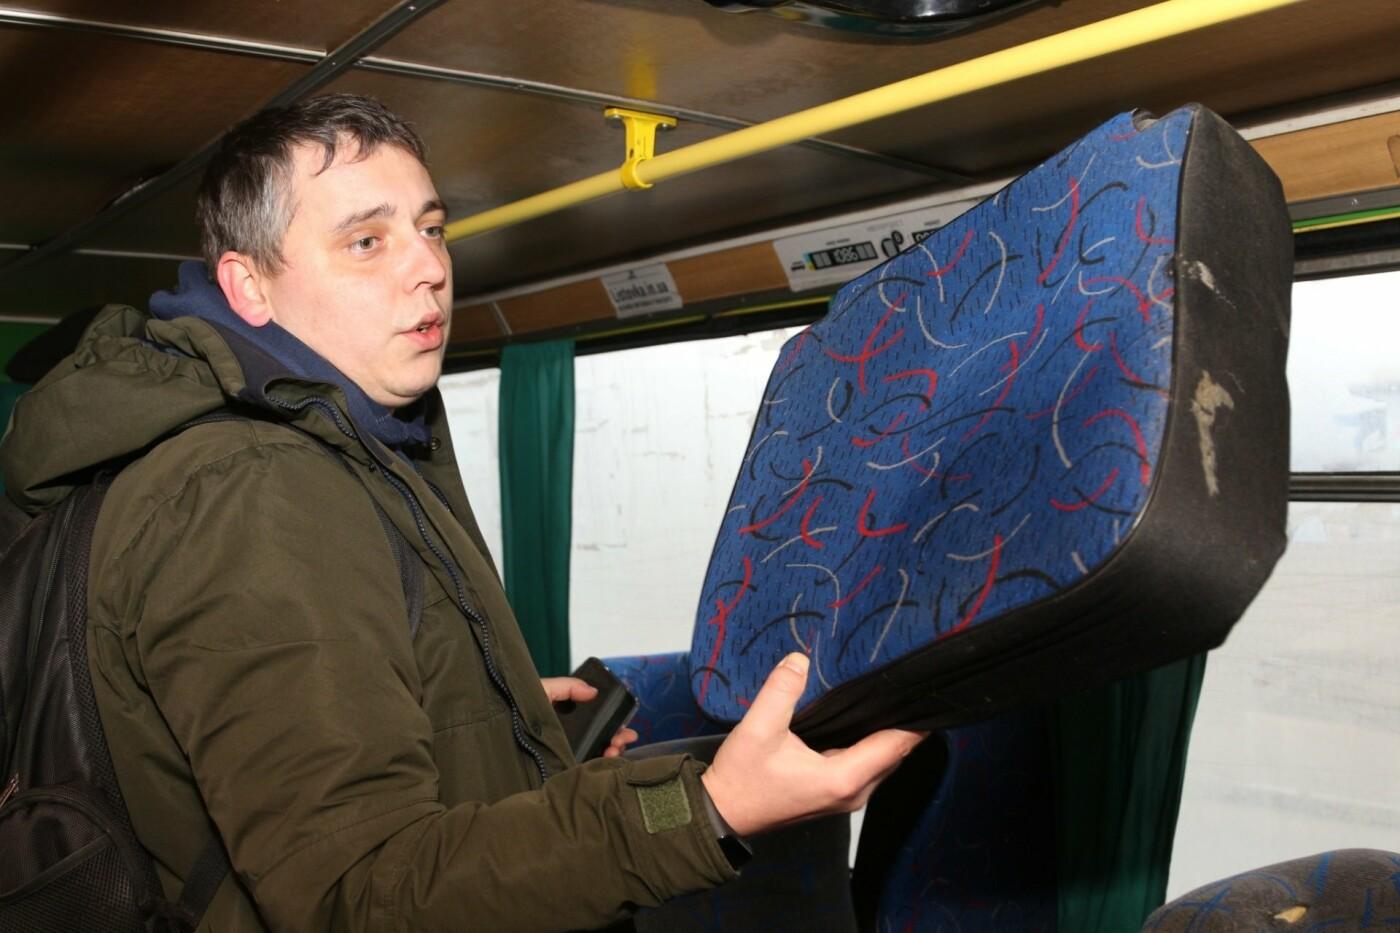 В Днепре проверяют готовность общественного транспорта к зиме, - ФОТО, фото-3